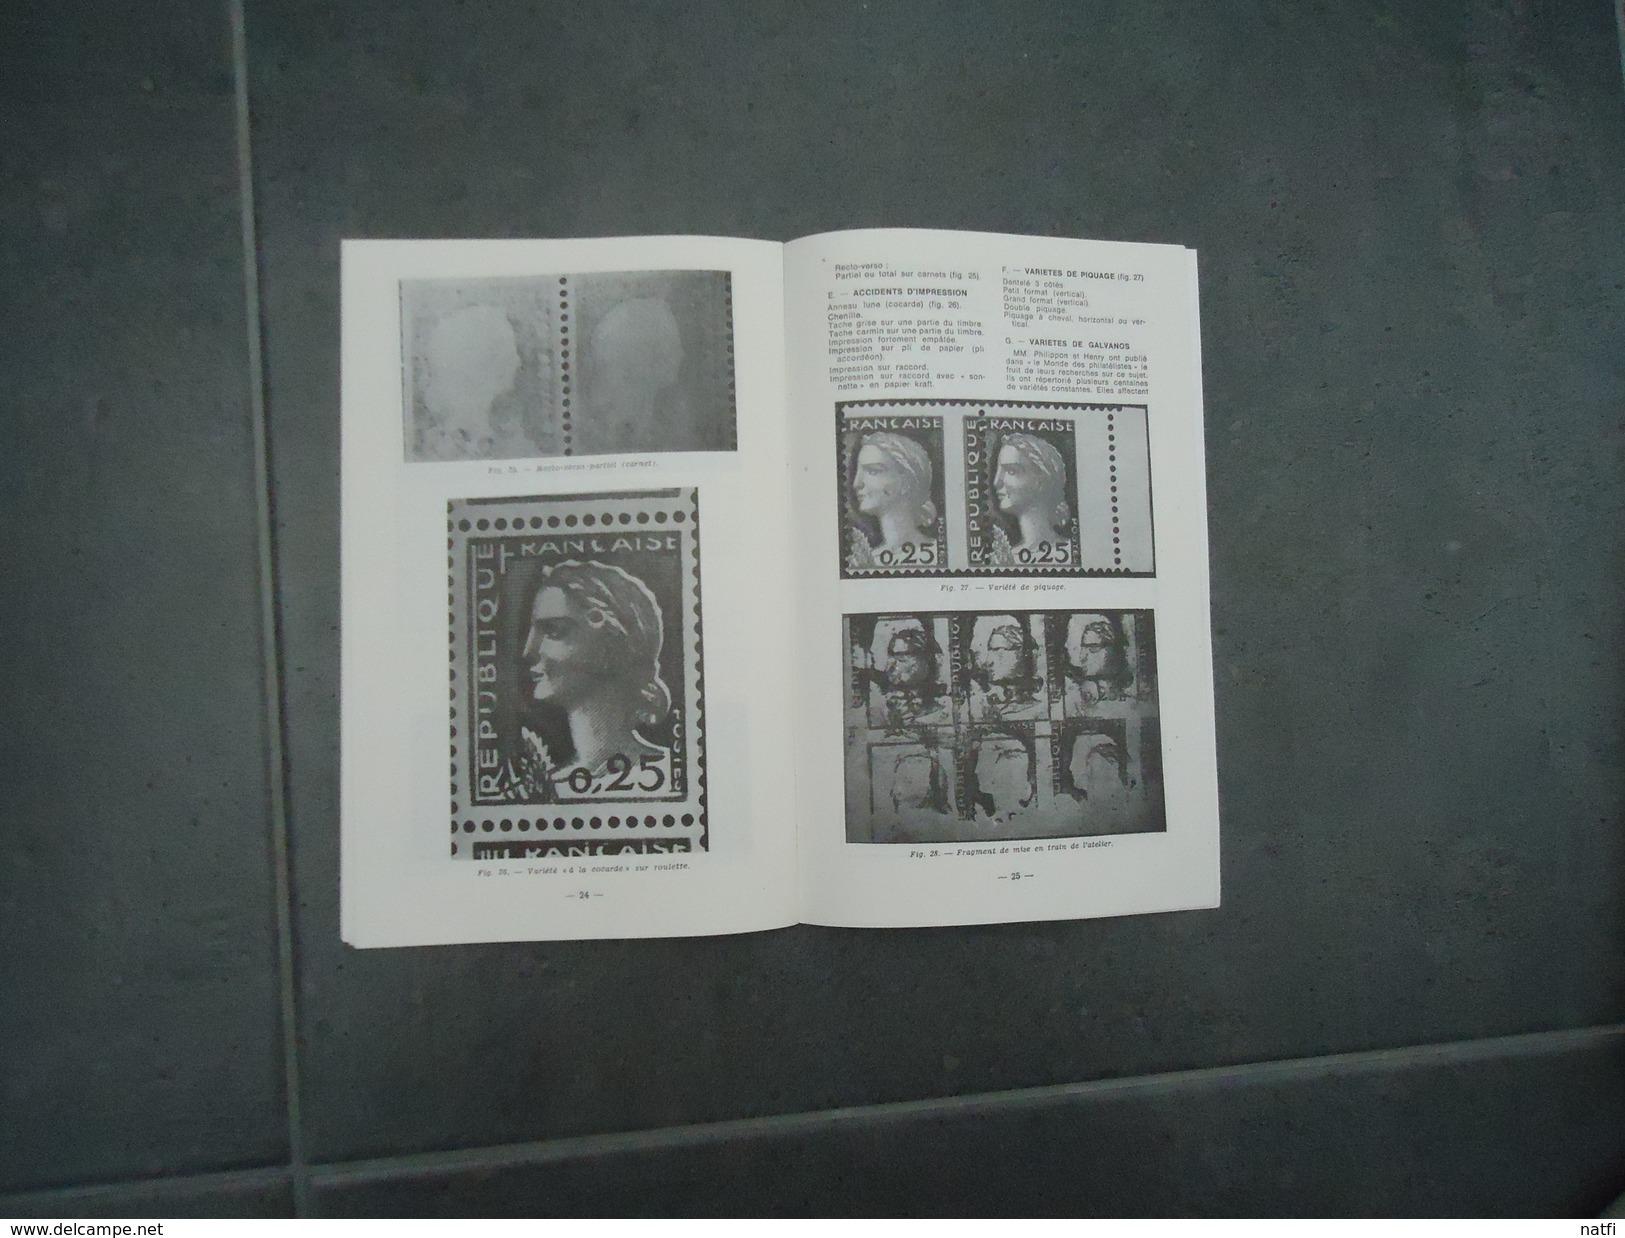 PETIT LIVRE LA MARIANNE DE DECARIS EDITE PAR LE MONDE DE LA PHILATELIES N° 243  VOIR PHOTOS - Tijdschriften: Abonnementen